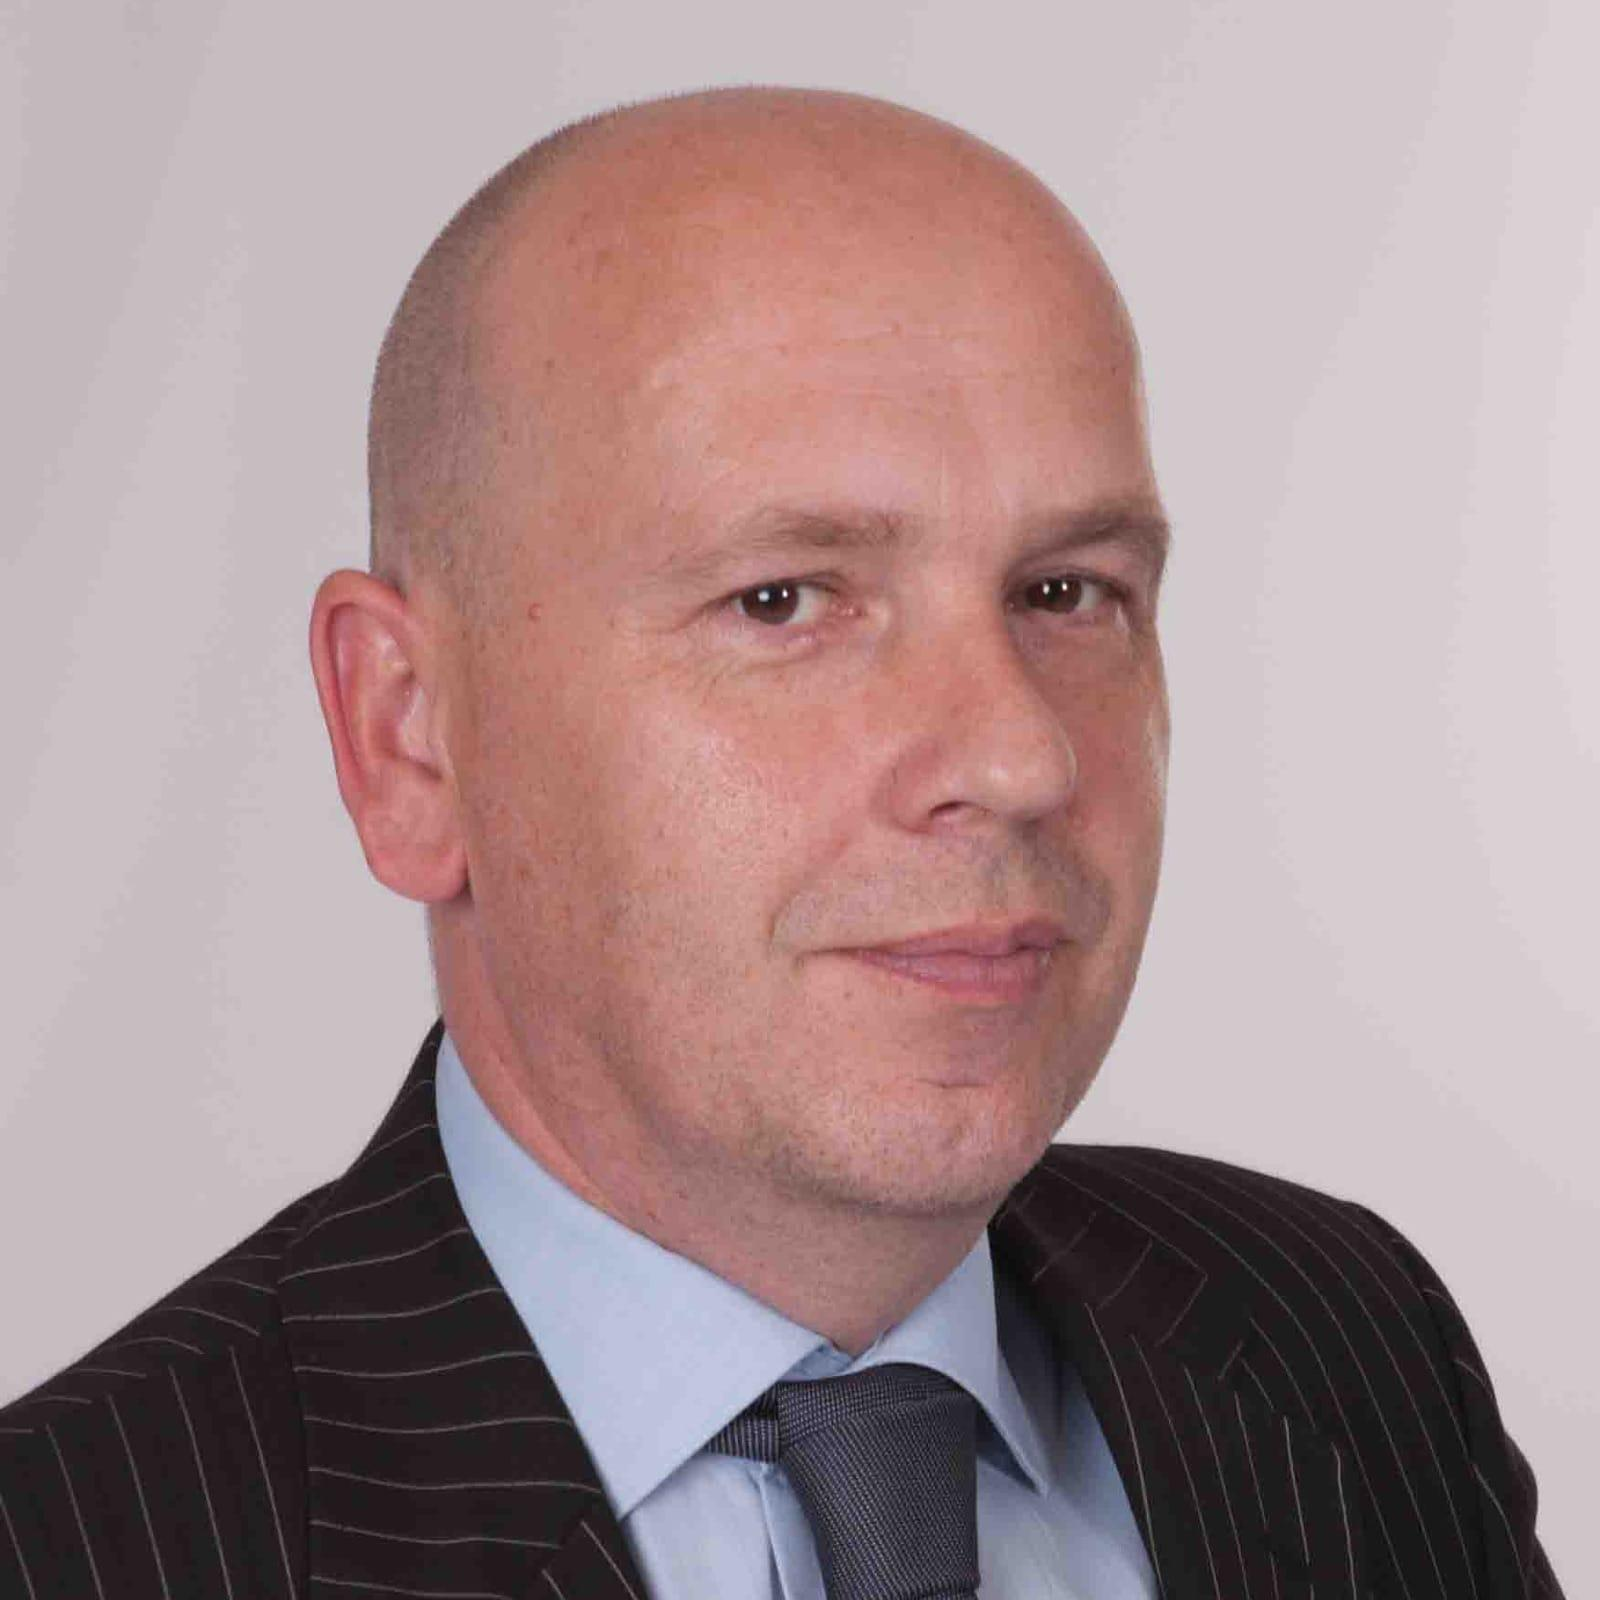 Marcel van Dijkhuizen - Boekhouder in Den Haag